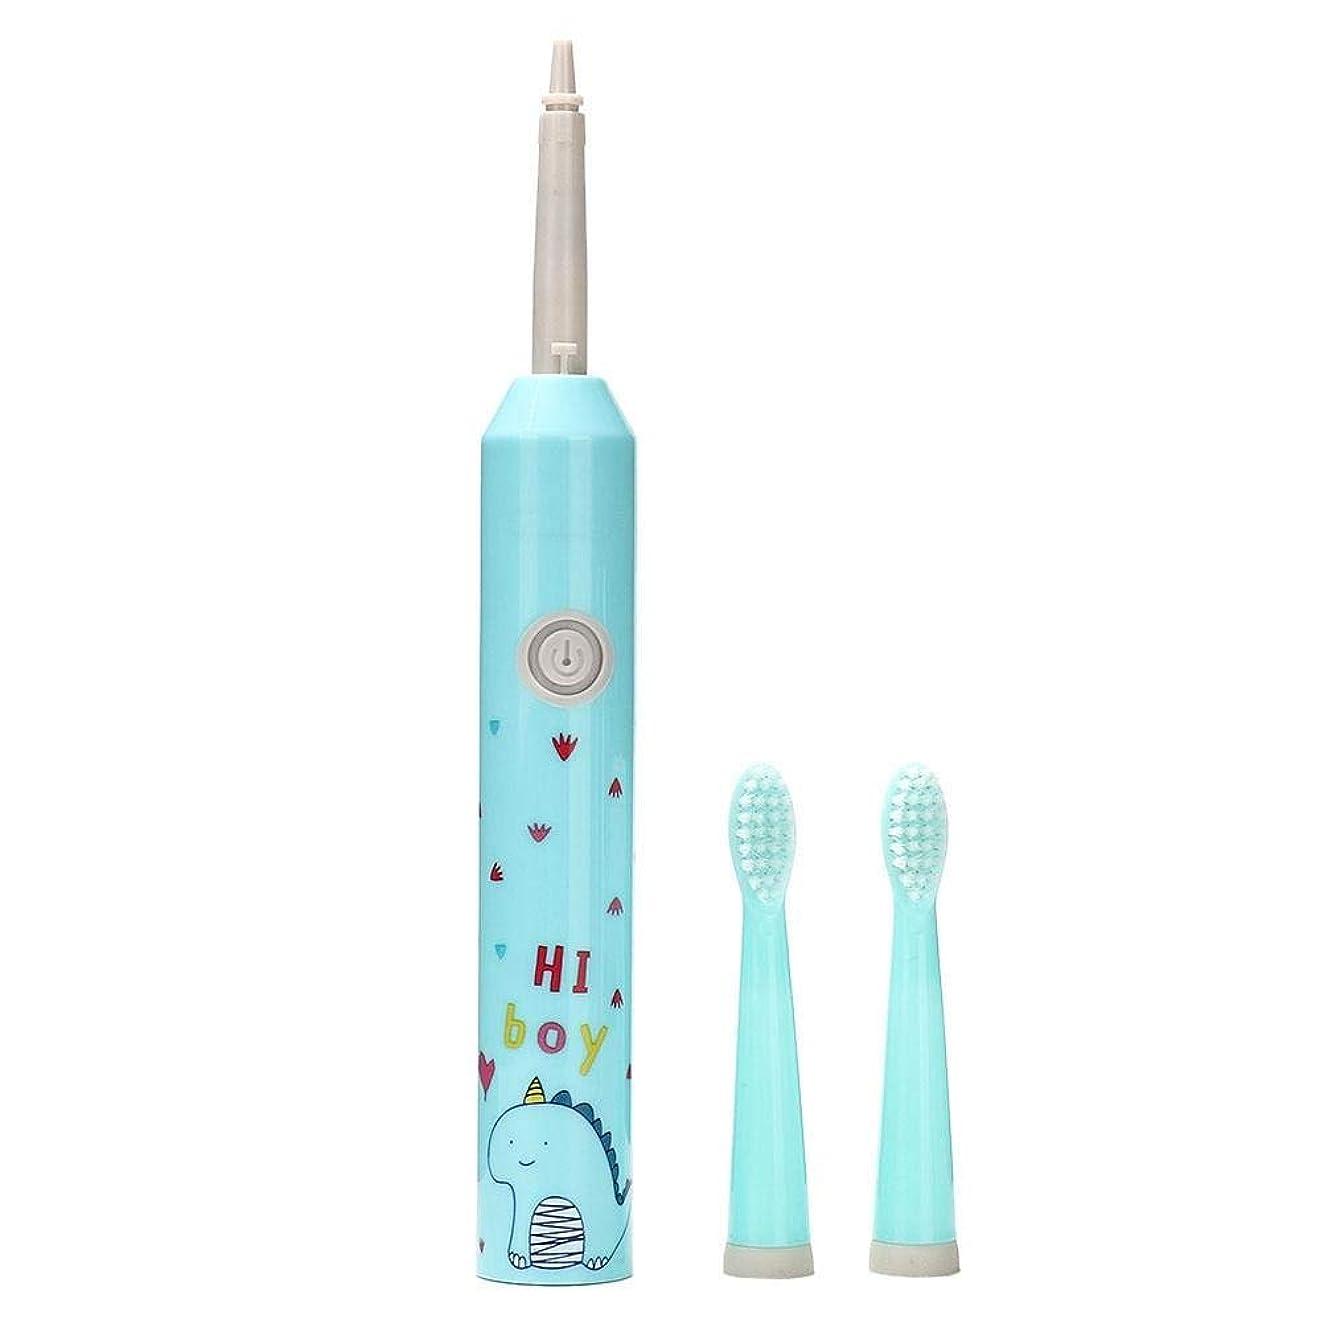 冷淡な応答ストライドQiilu 子供電動歯ブラシ 電動歯ブラシ 歯ブラシ 携帯型 12500回/分 防塵カバー(ブルー)